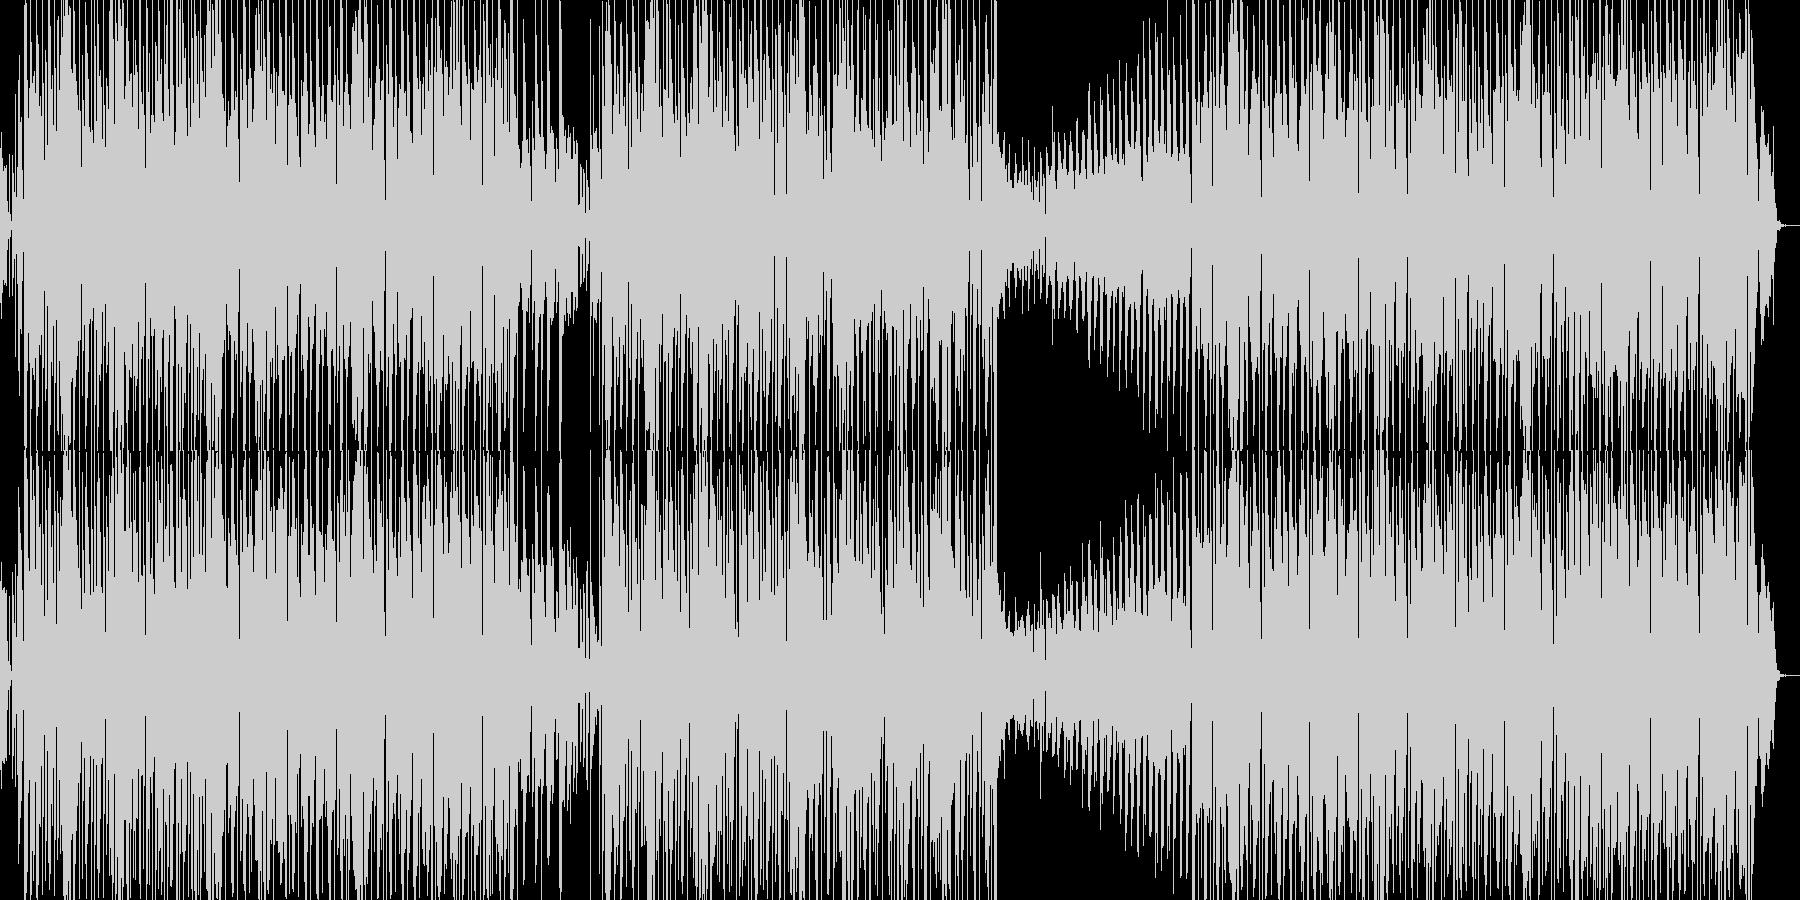 モダンなダンスミュージックサウンドの未再生の波形